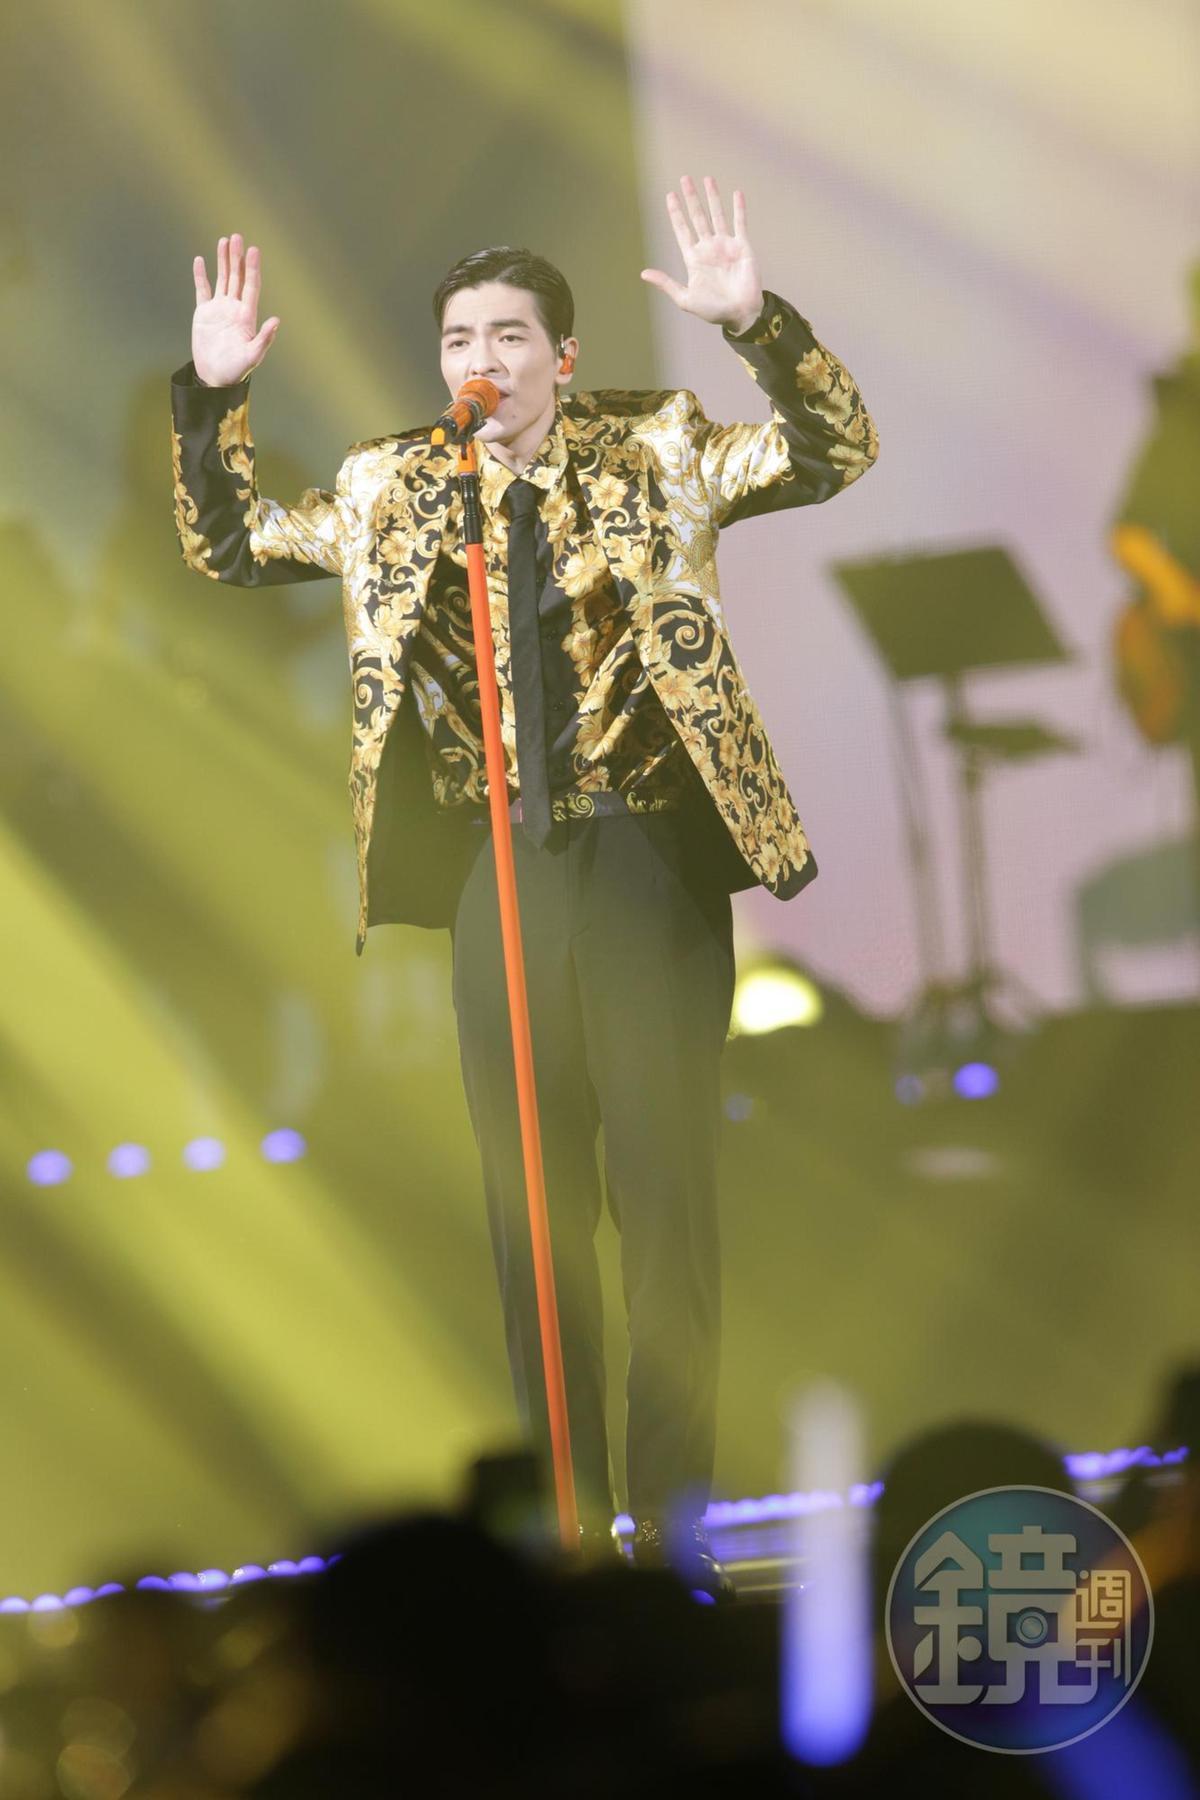 蕭敬騰在第14屆KKBOX風雲榜演唱3首歌曲。